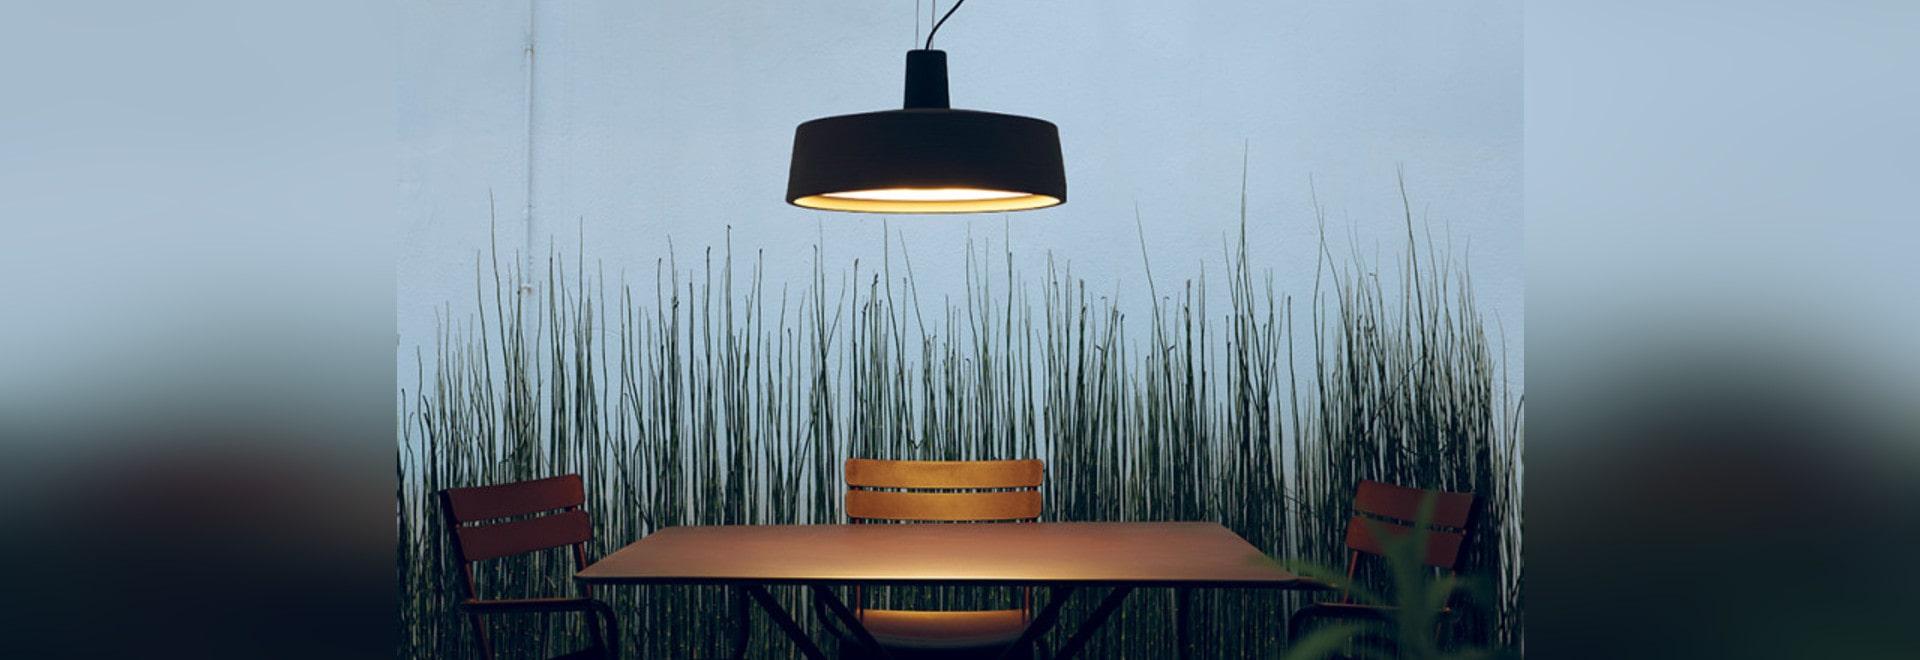 SOHO LAMP